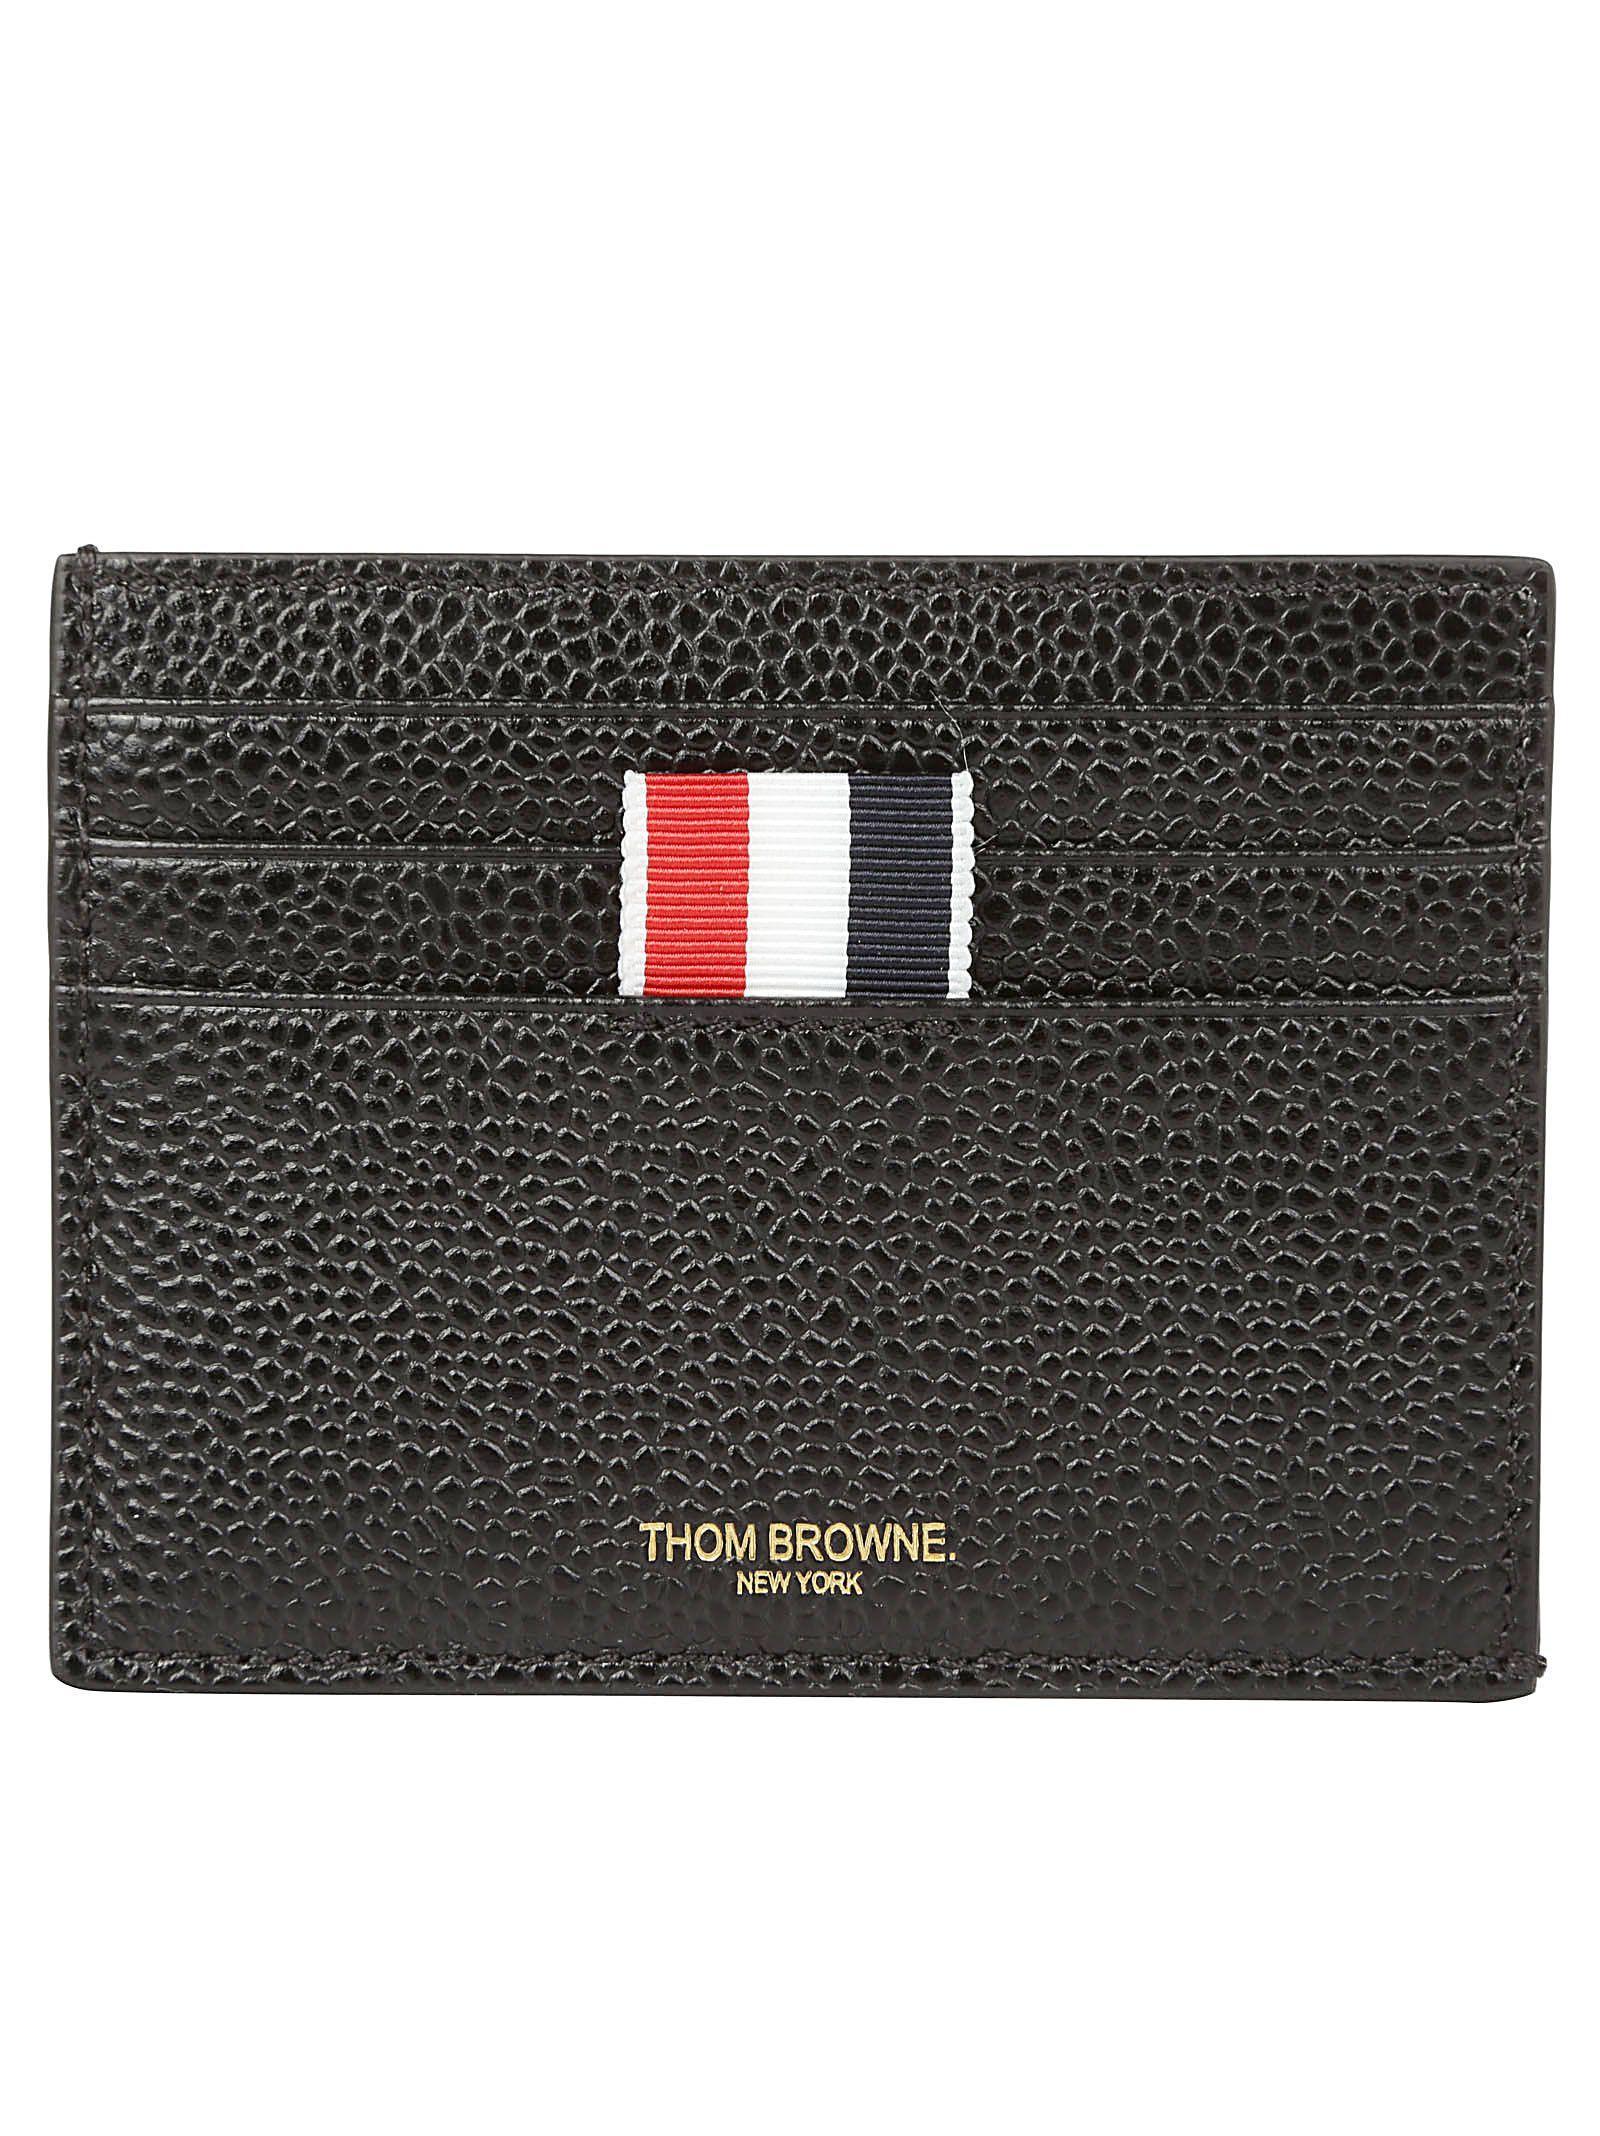 Thom Browne Card Holder Wallet In Black